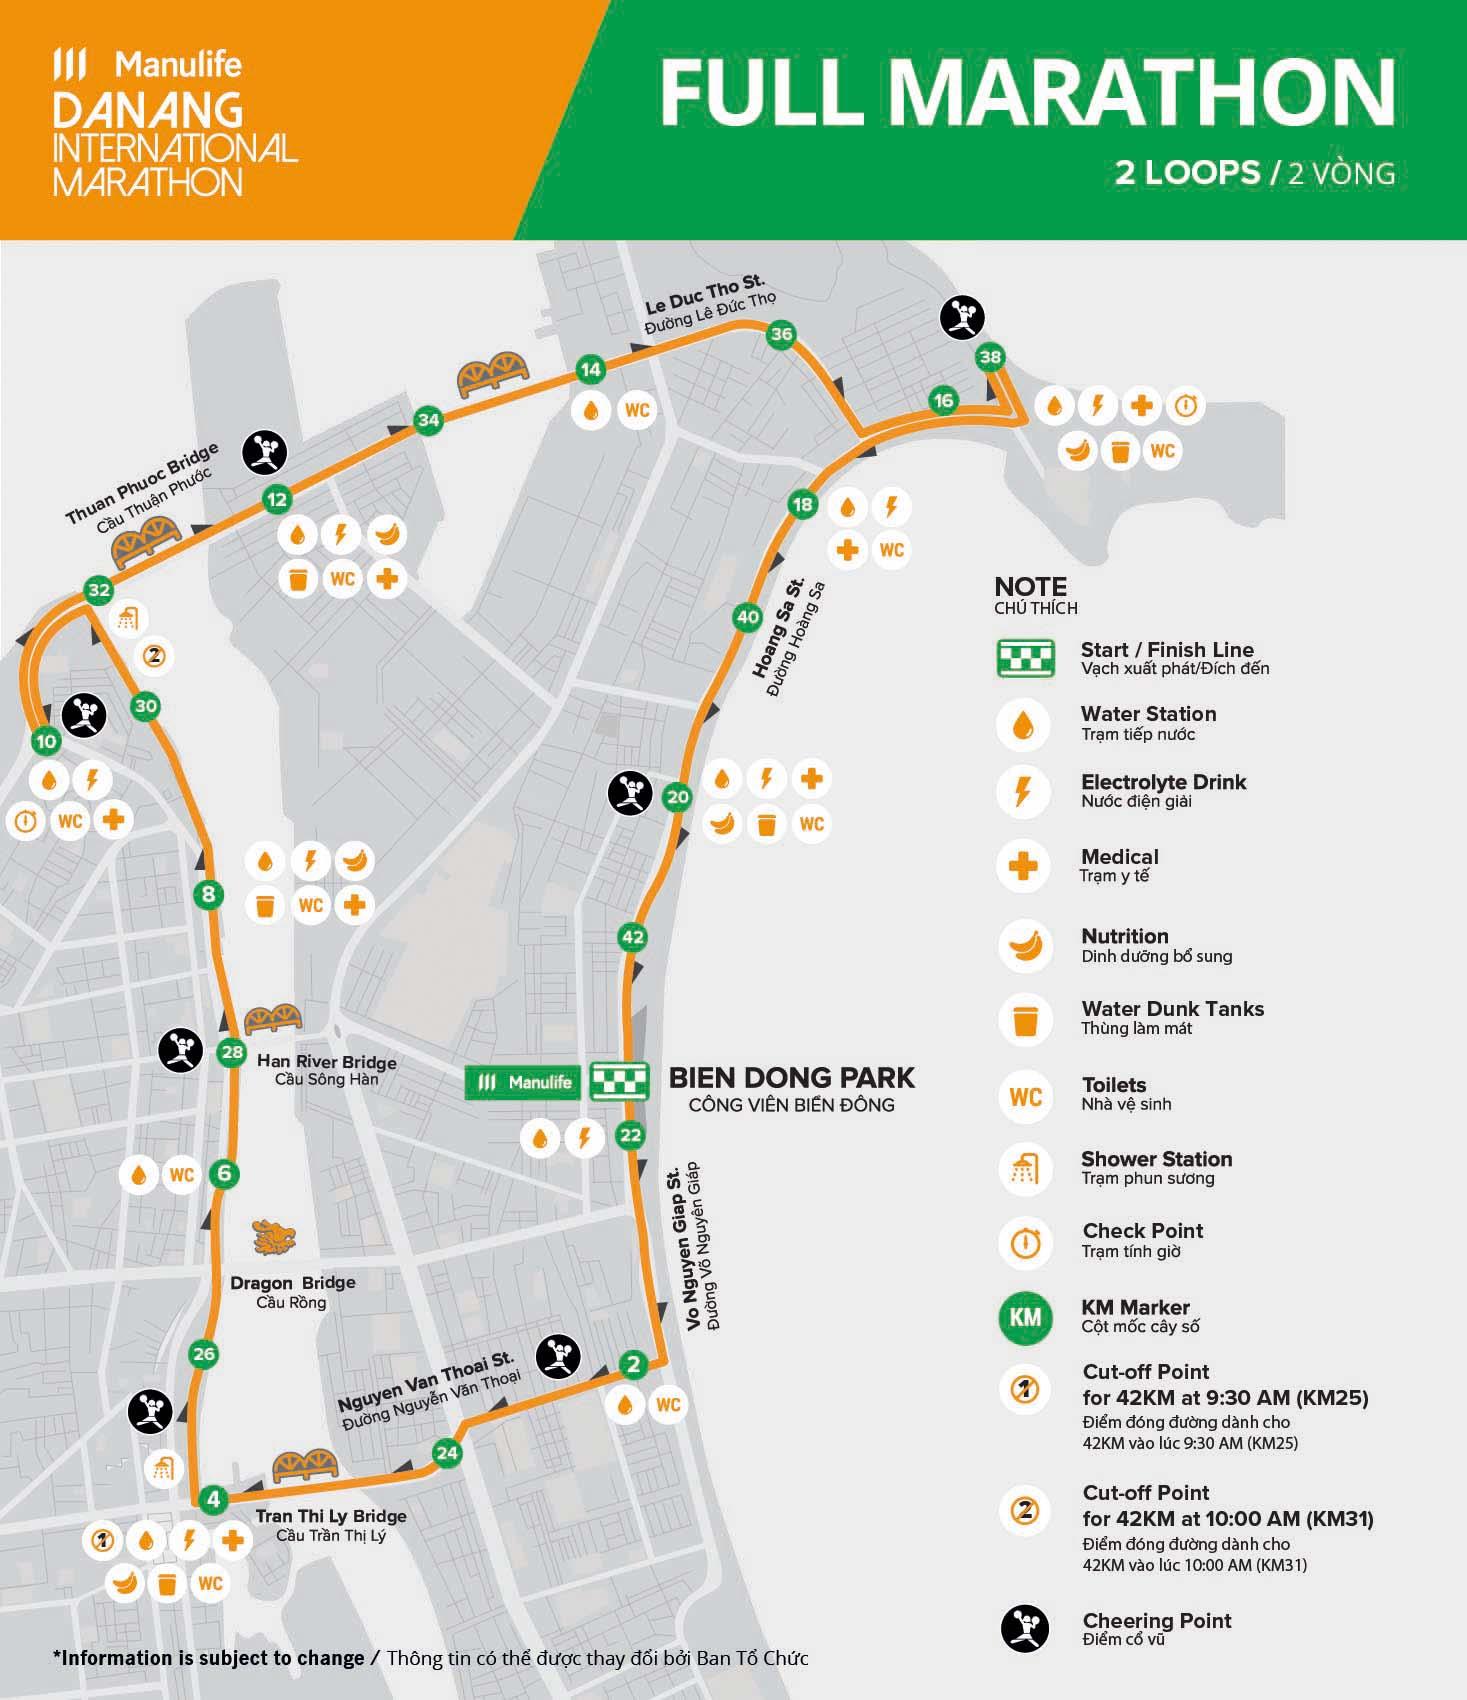 MDNIM20 - Course - Full Marathon